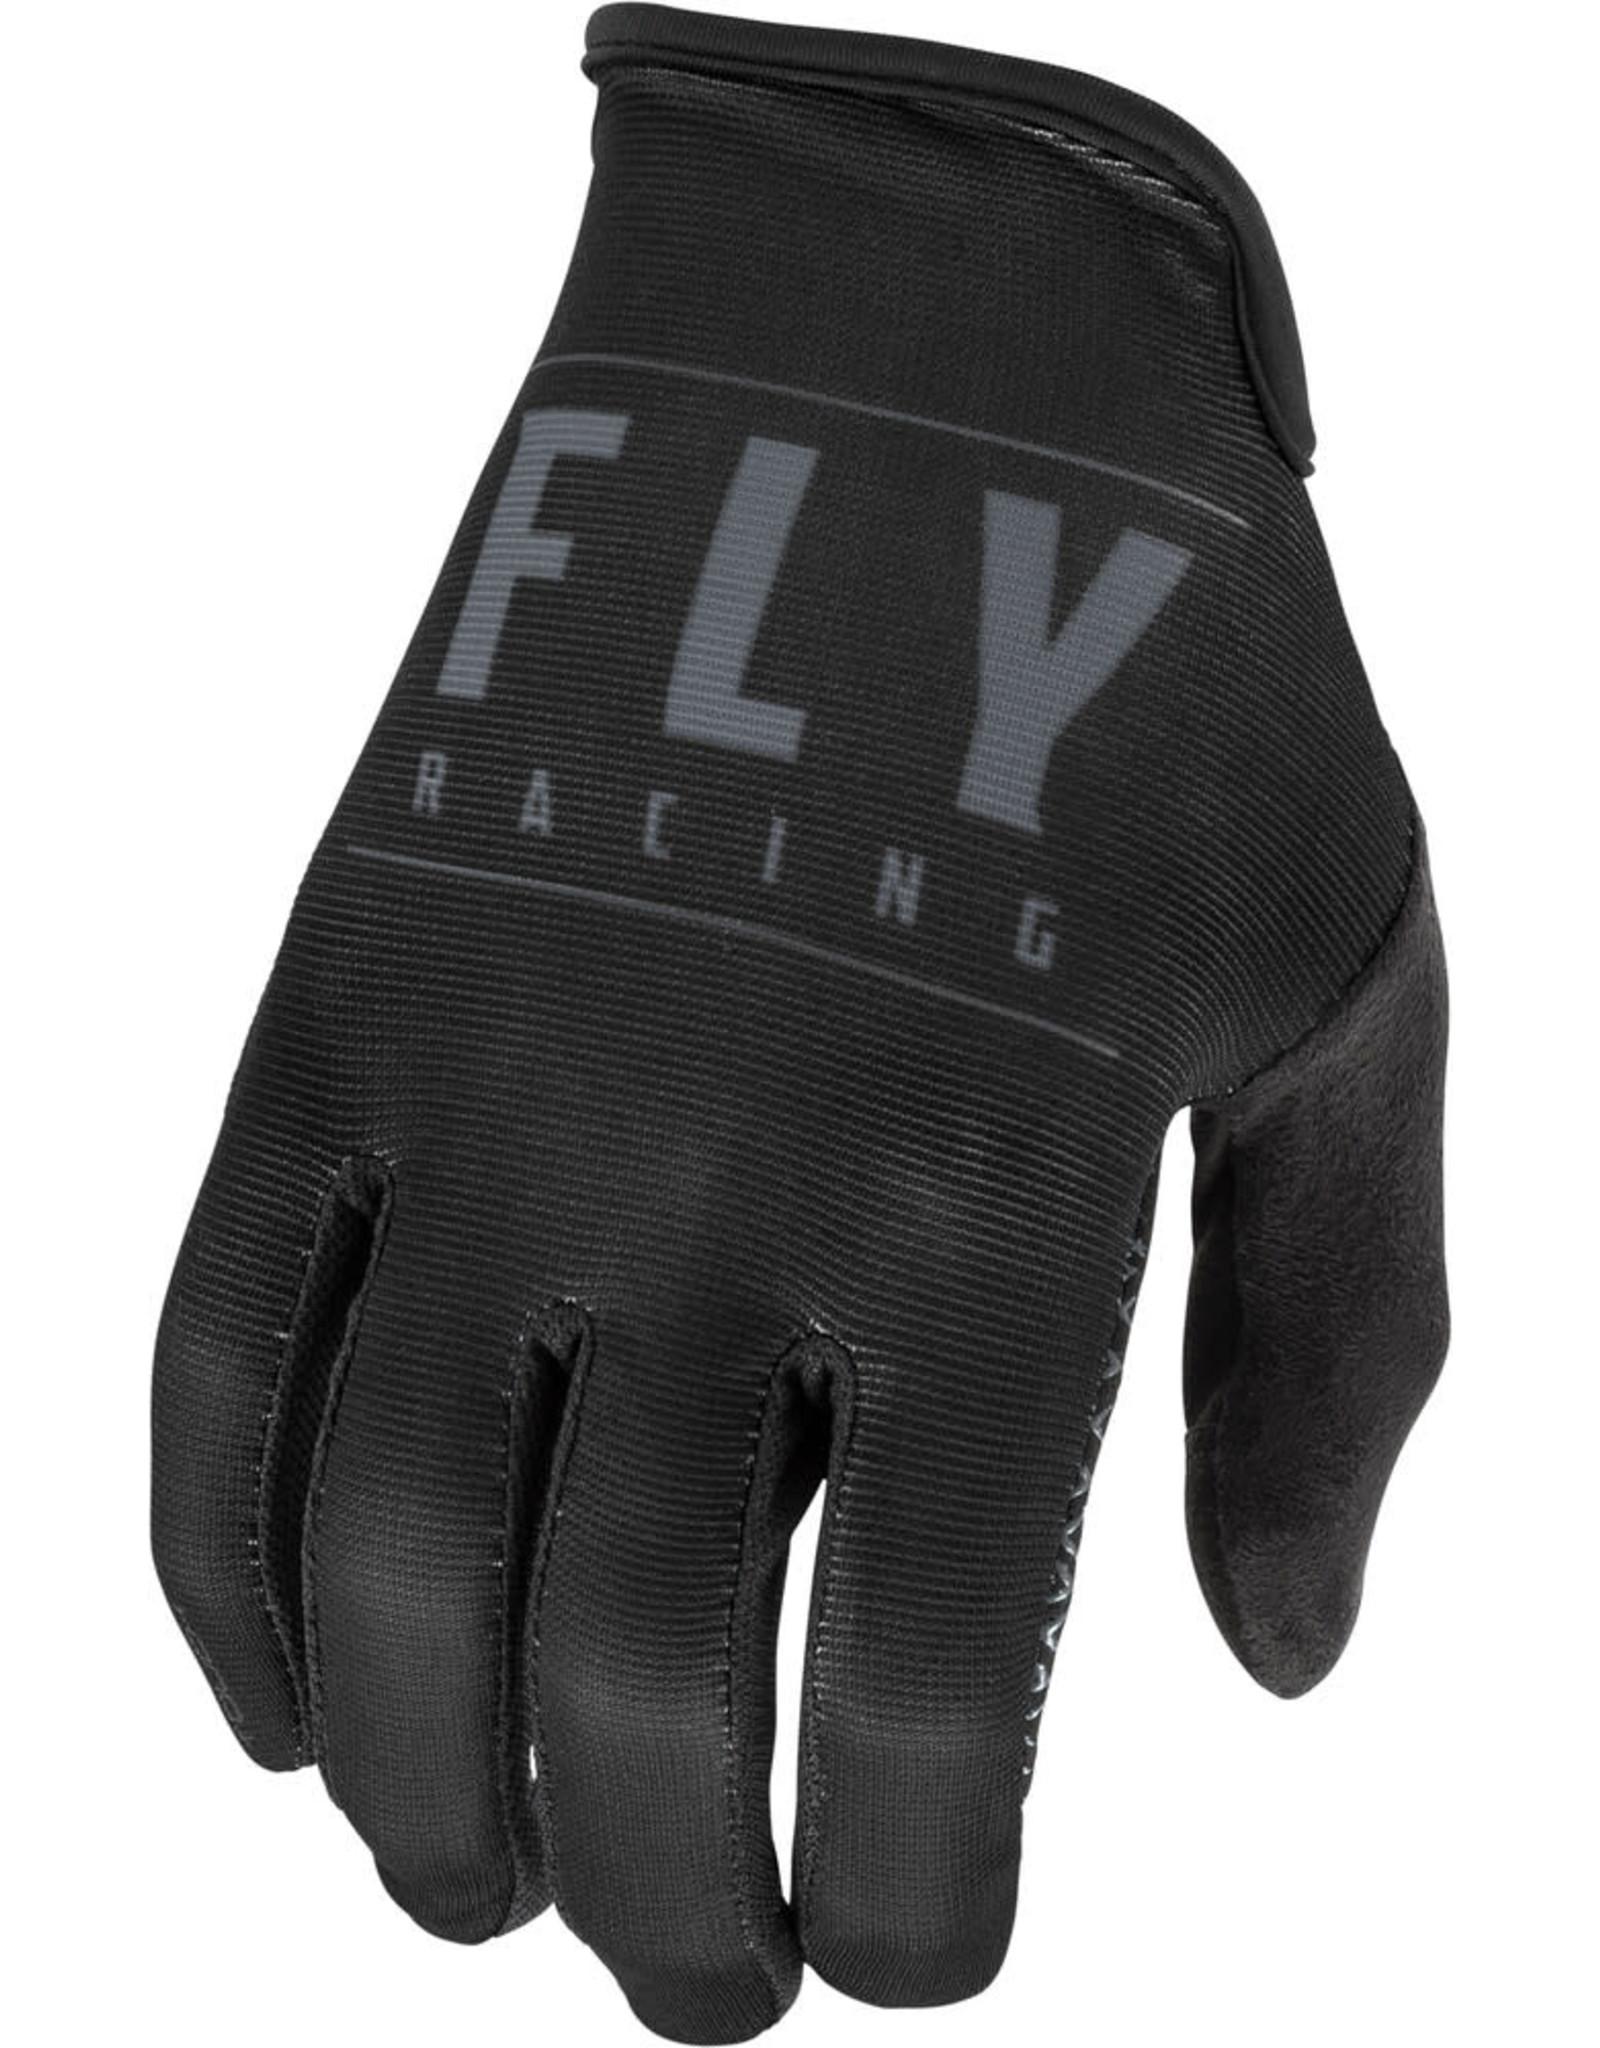 FLY RACING FLY Racing Patrol XC Lite Gloves Black